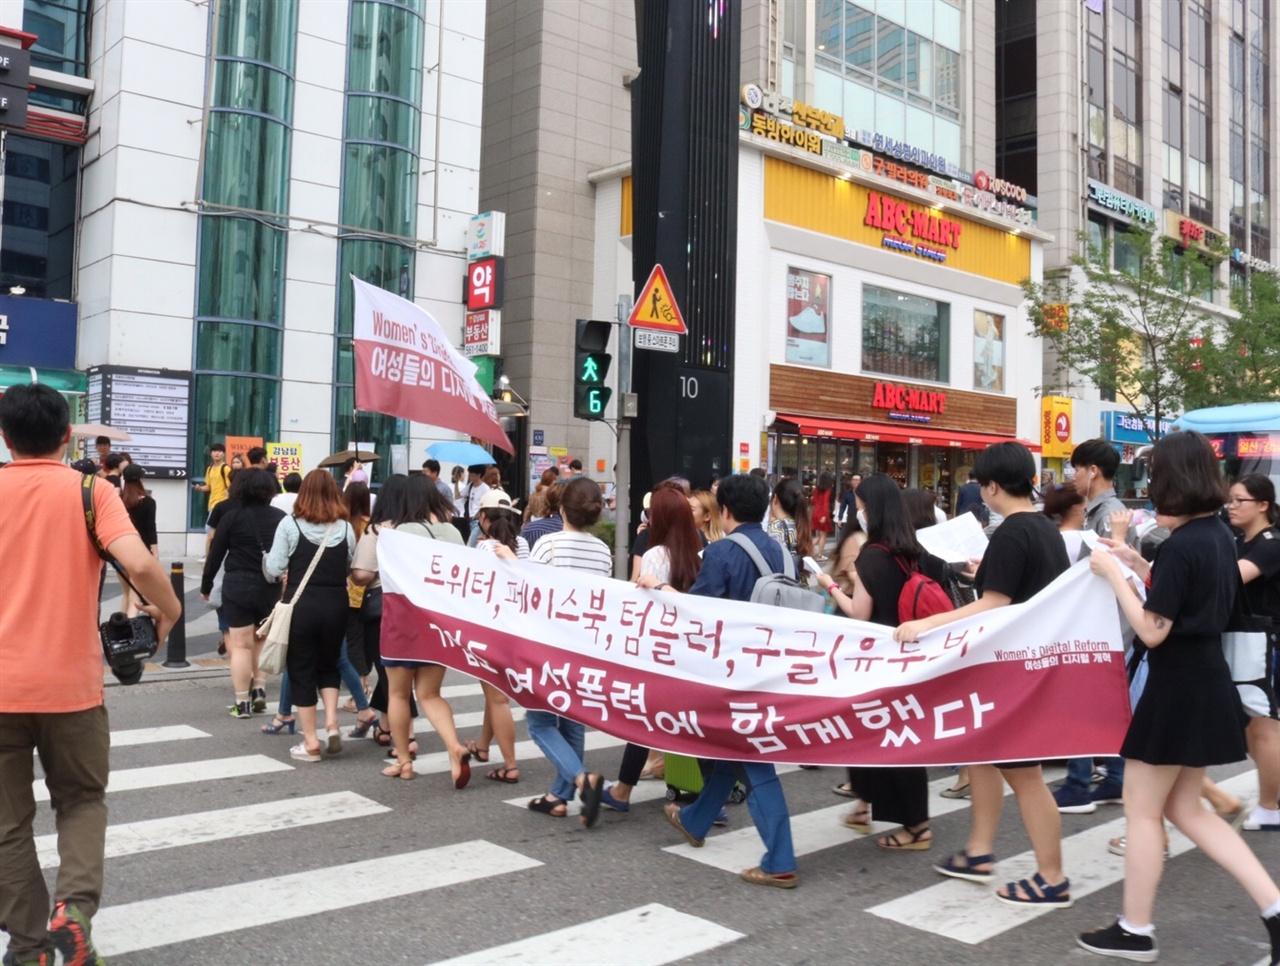 참여자들이 행진을 하고 있다